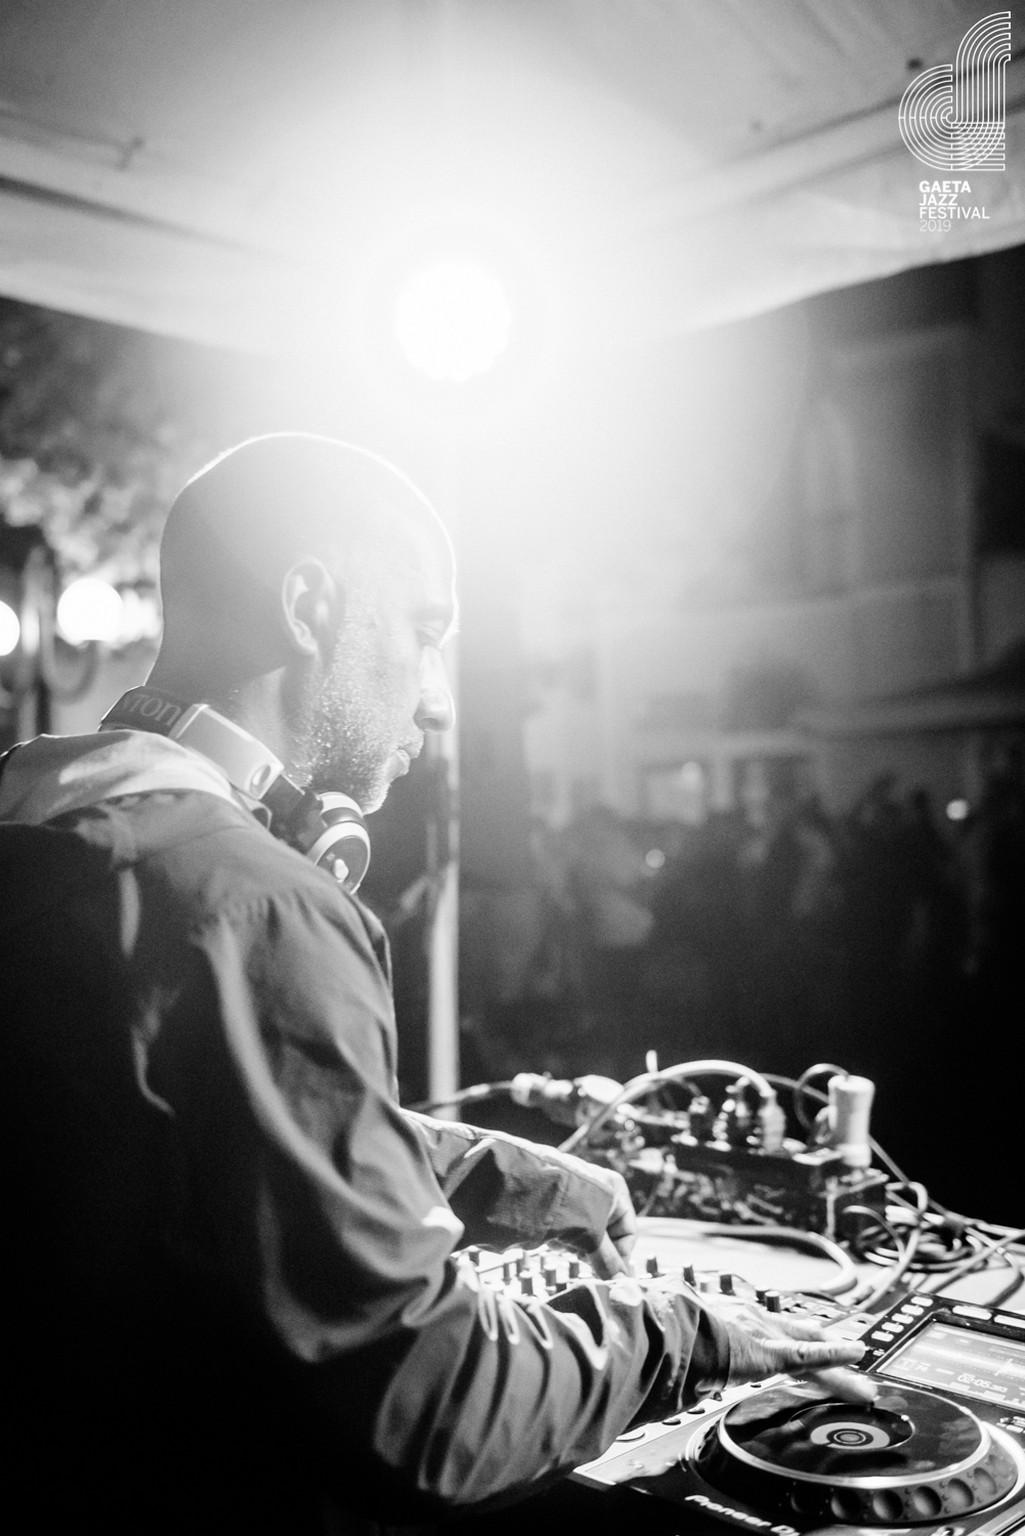 Flavia_Fiengo_Gaeta_Jazz_Festival_live_2019__00079